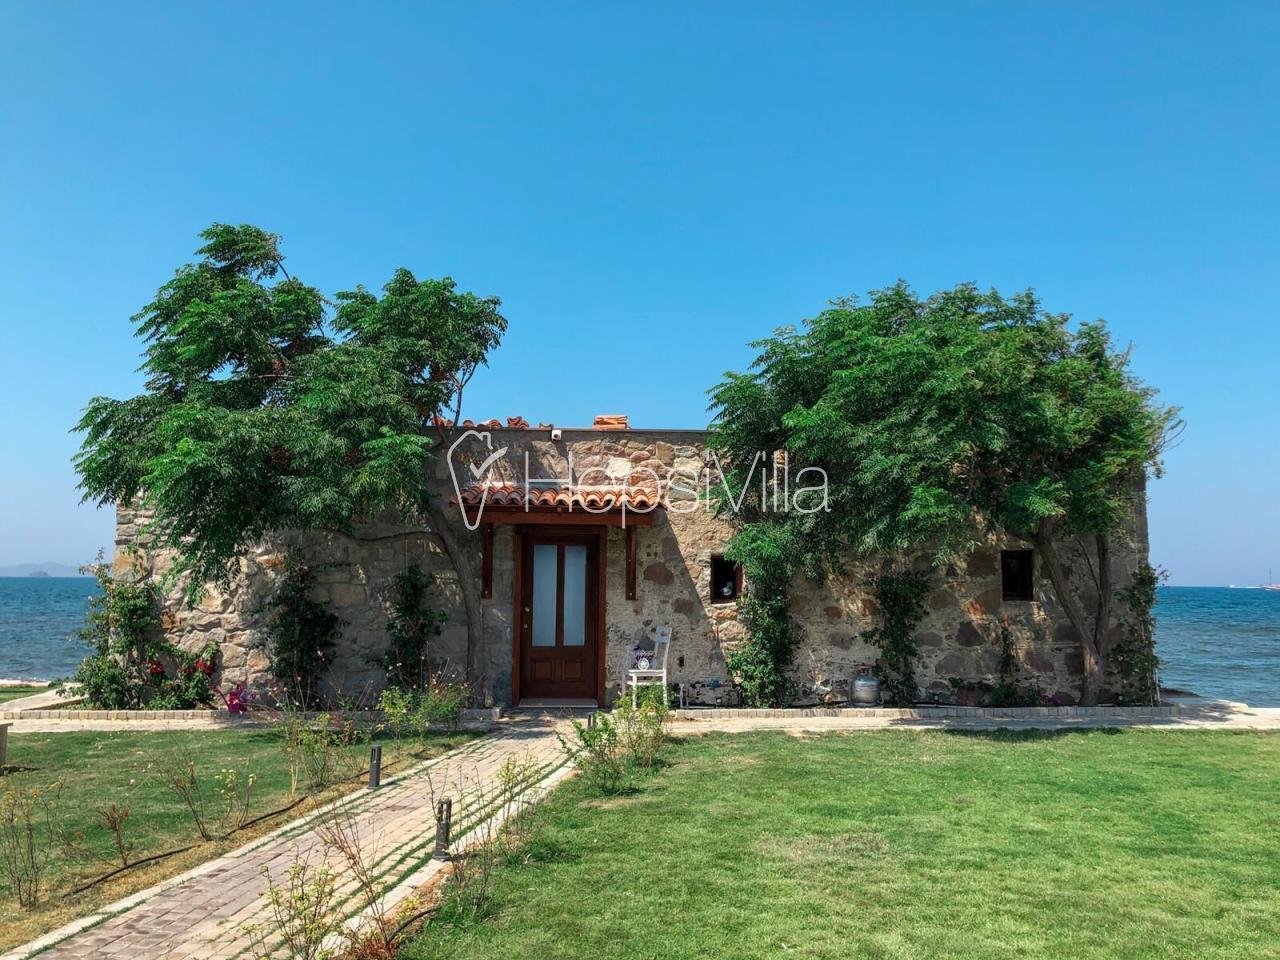 Villa Di Mare, Bodrum Turgutreis'de 4 Kişilik Denize Sıfır Villa - Hepsi Villa